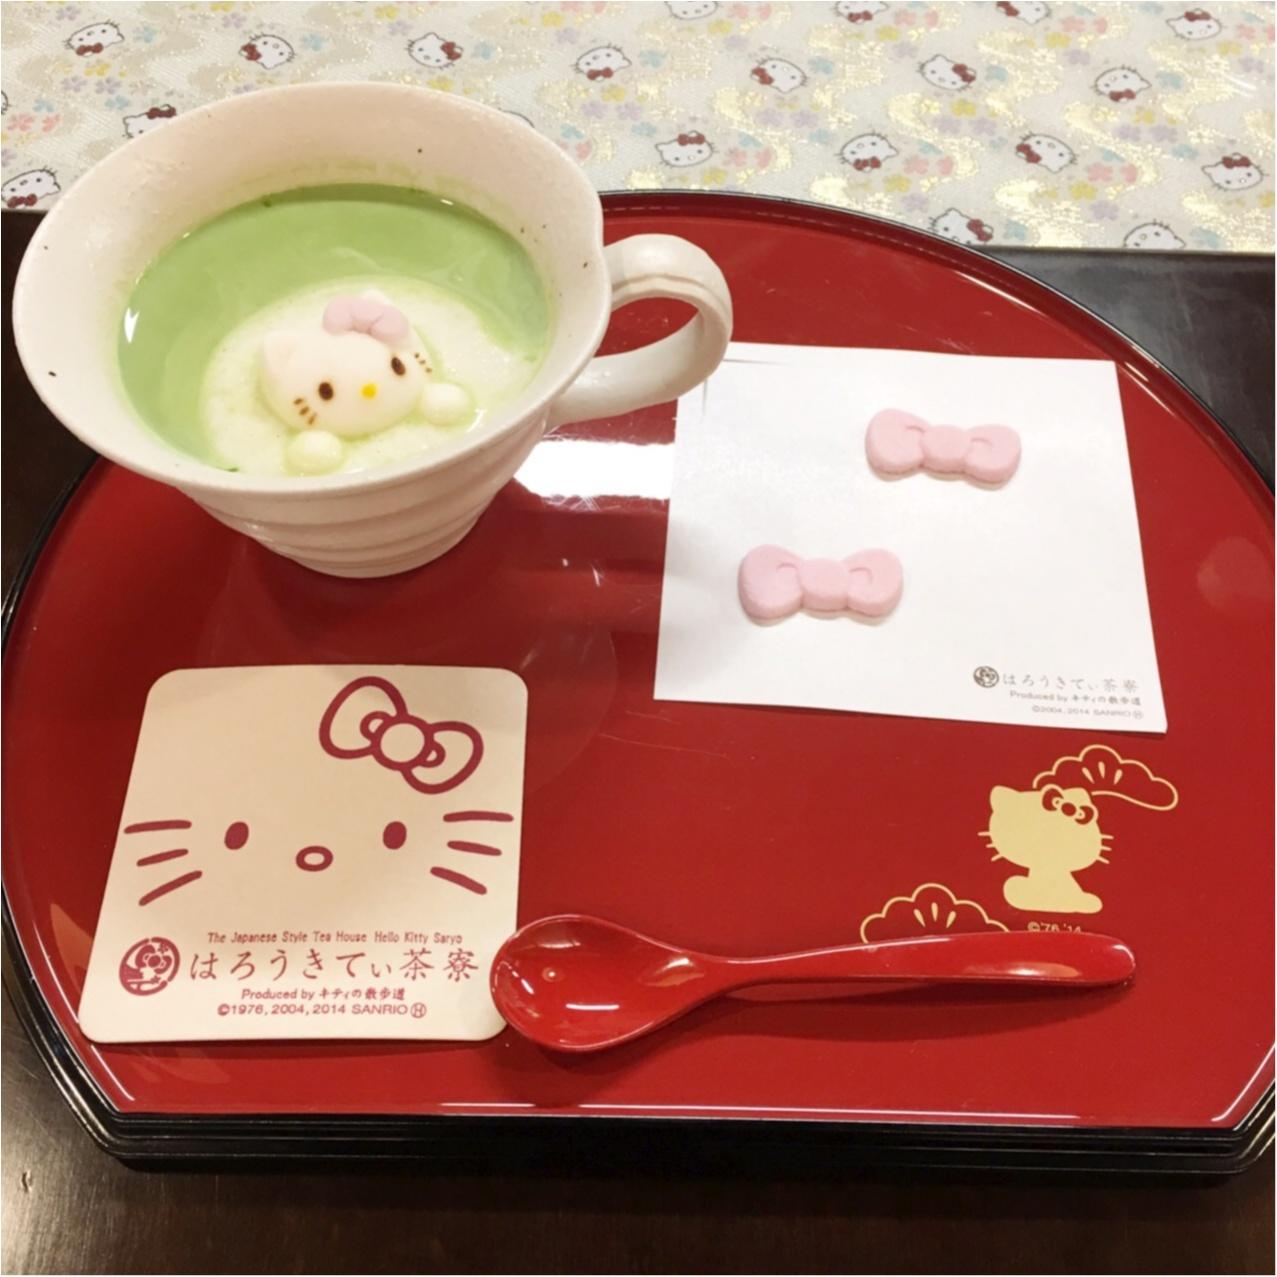 京都に行ったら行きたい♡キティづくしの『はろうきてぃ茶寮』_7